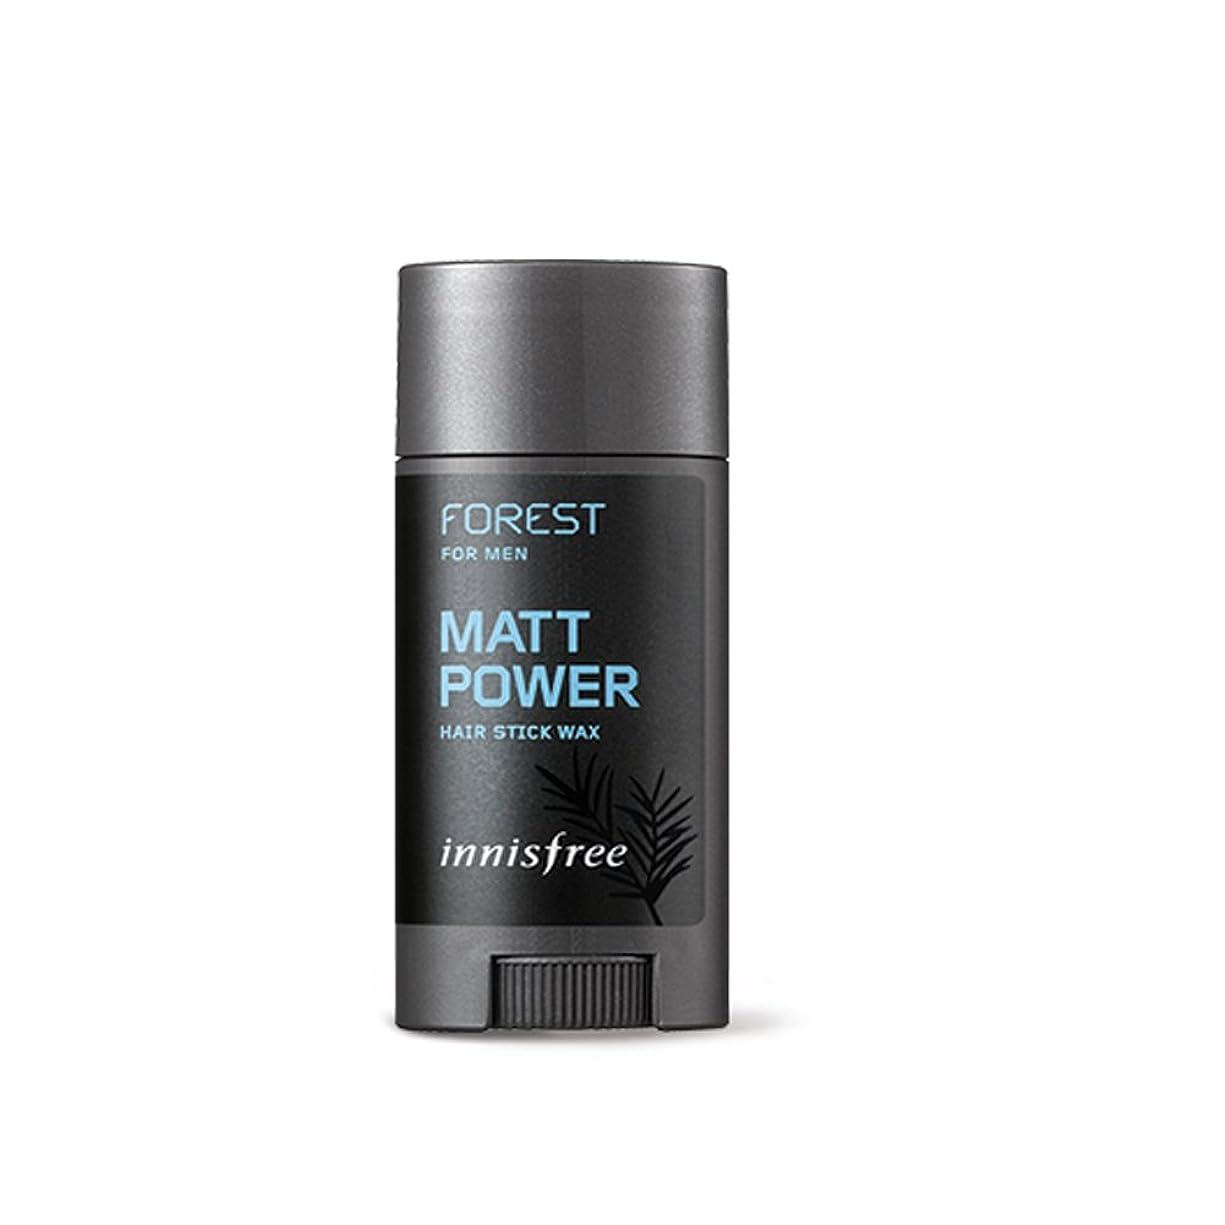 臭い反毒装置イニスフリーフォレストメンズヘアスティックワックス、マットパワー15g / Innisfree Forest for Men Hair Stick Wax, Matt Power 15g [並行輸入品][海外直送品]